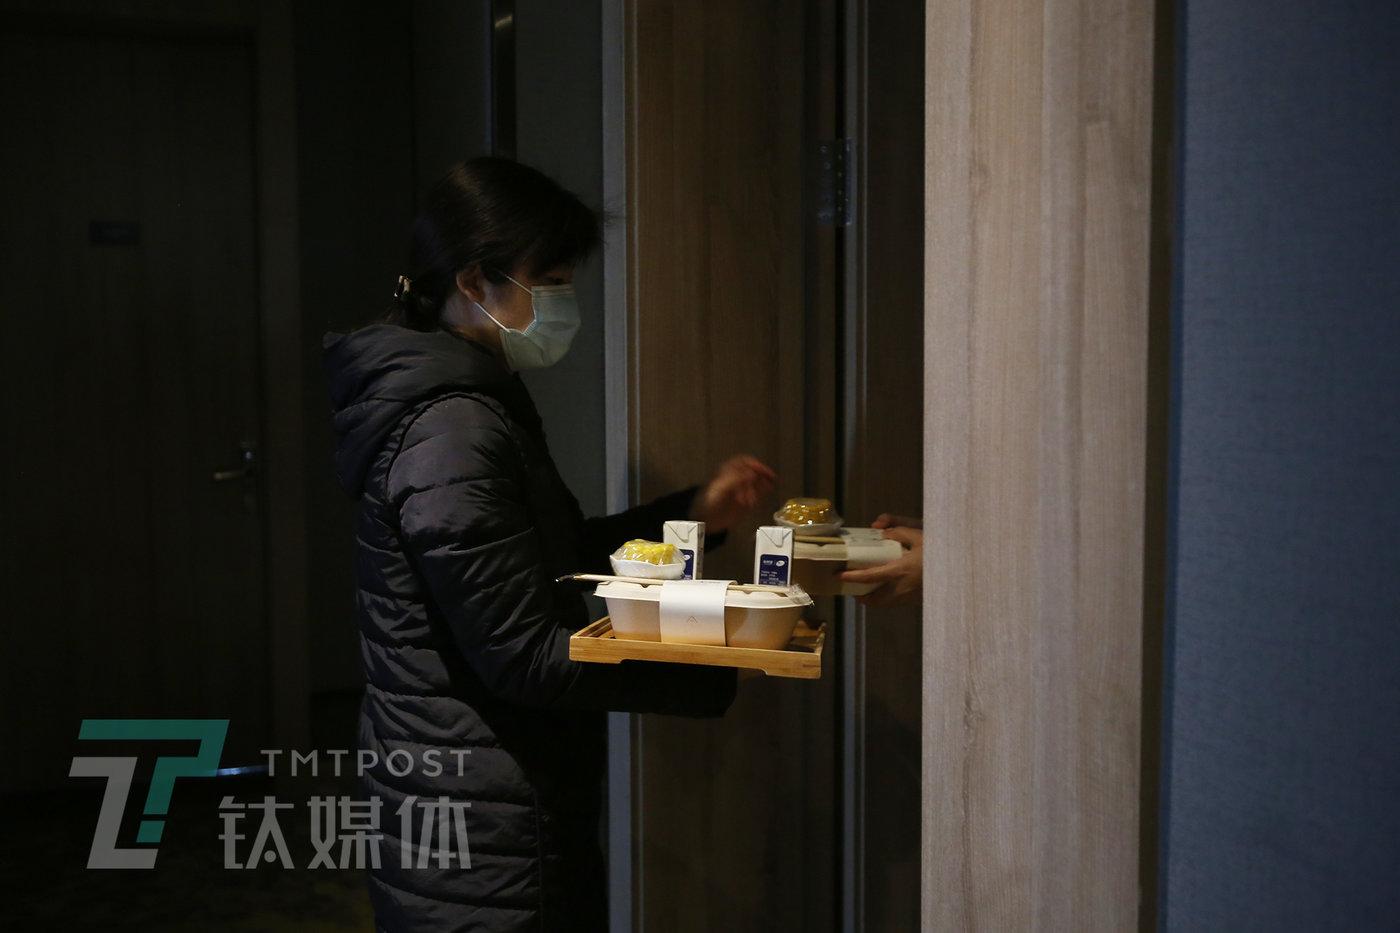 4月5日早晨,亚朵武汉常青路店,店长蜜蜂(诨名)在为顾客送早餐。